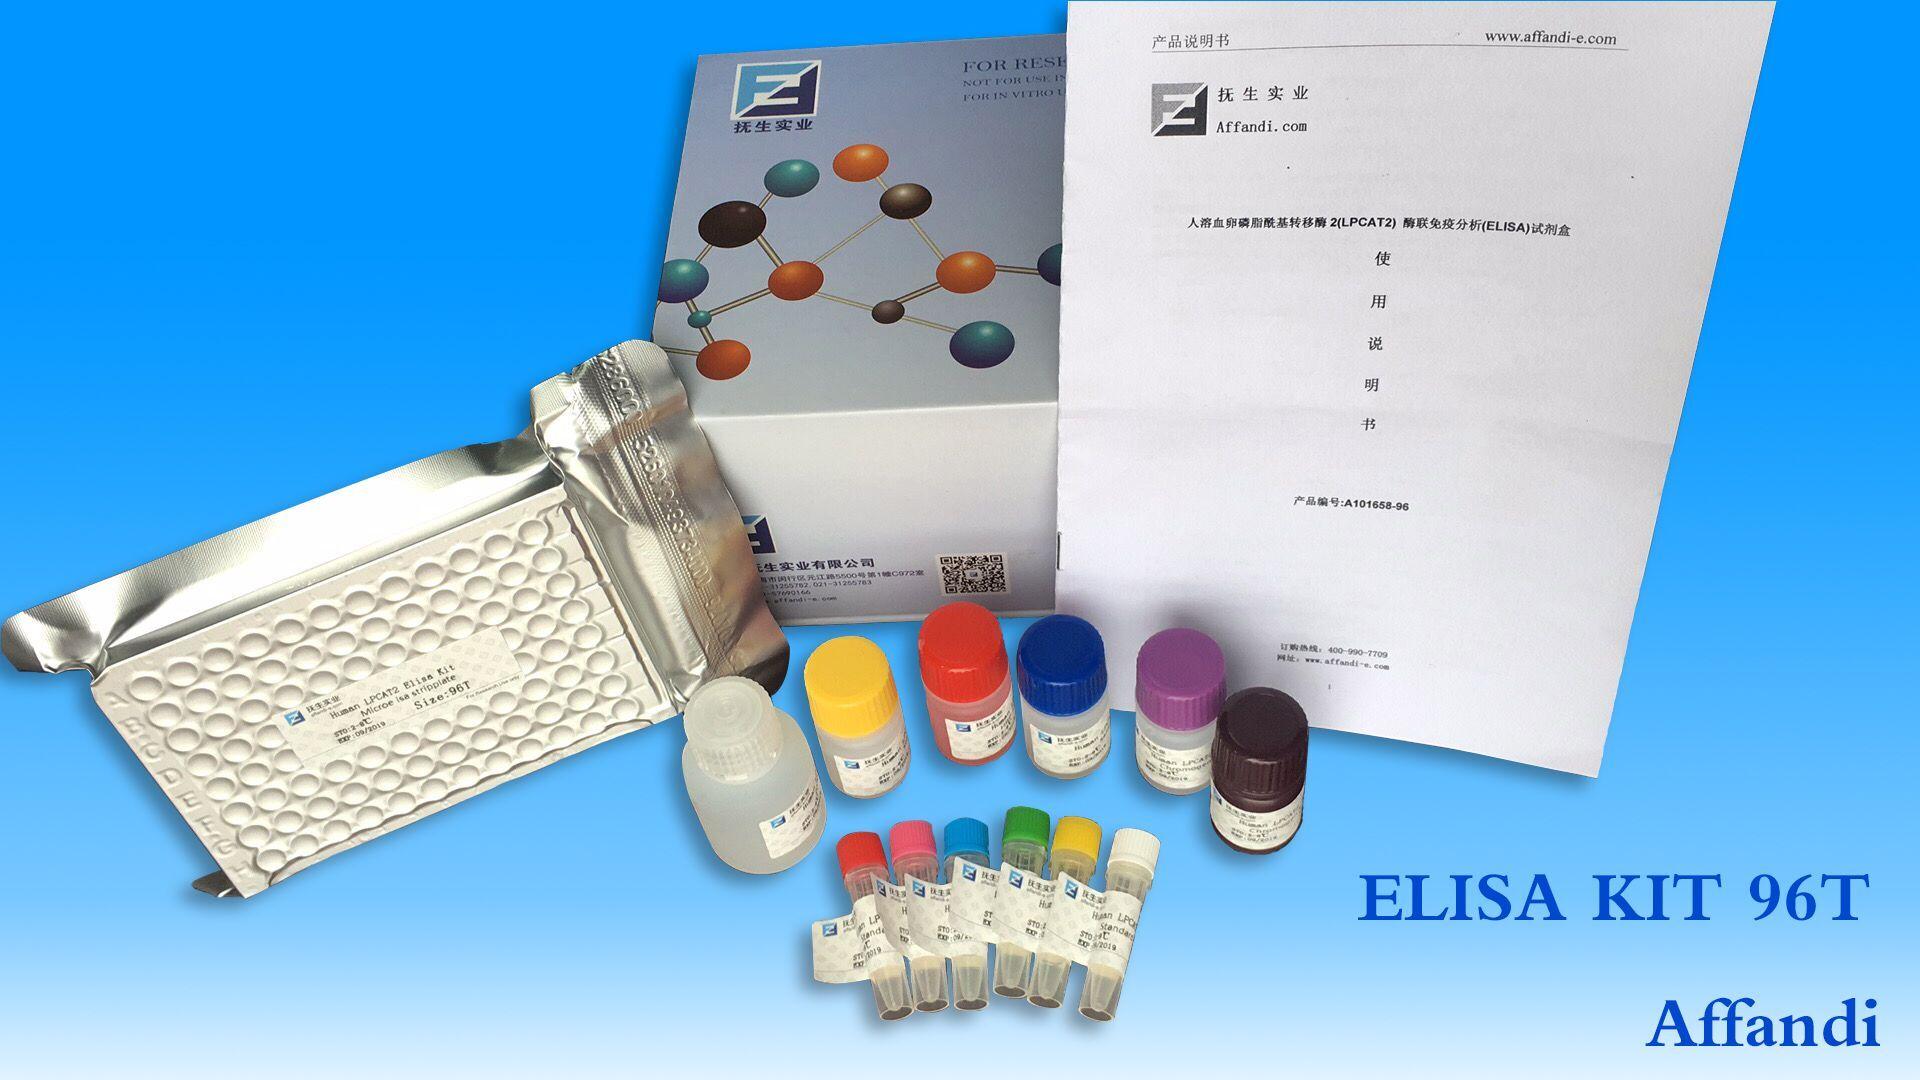 糖酵解相关酶磷酸果糖激酶检测试剂盒 